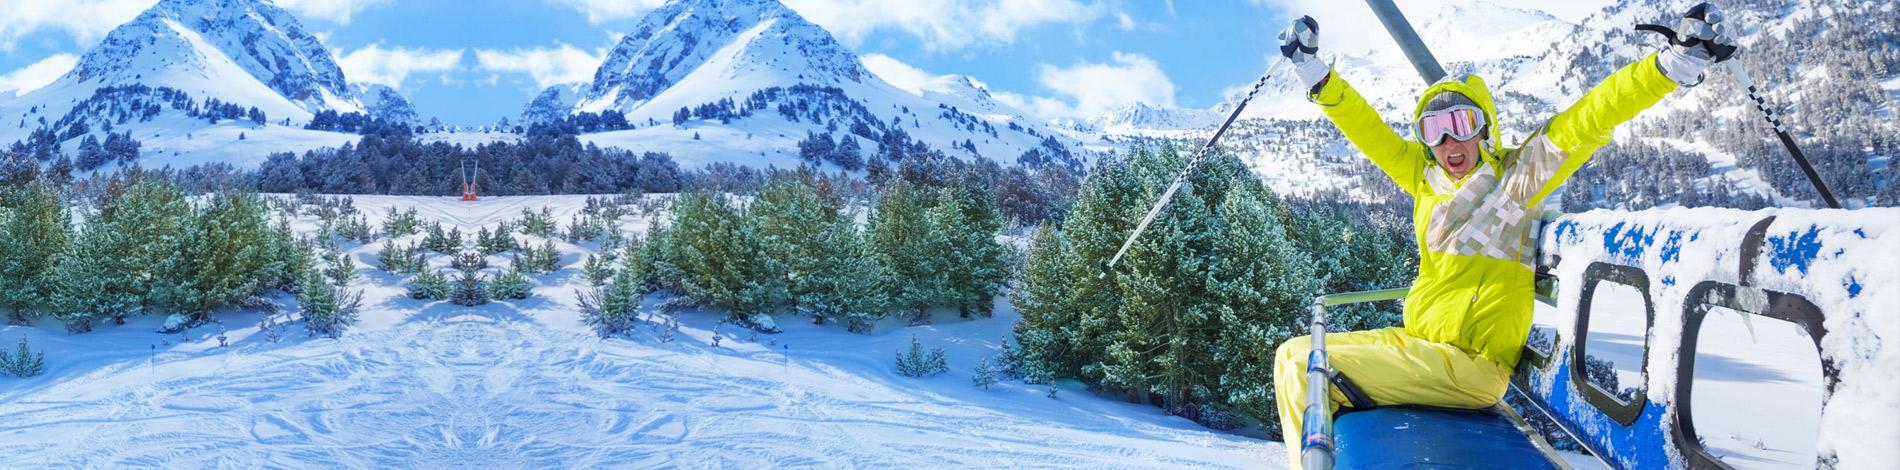 Skiurlaub osterreich single urlaub